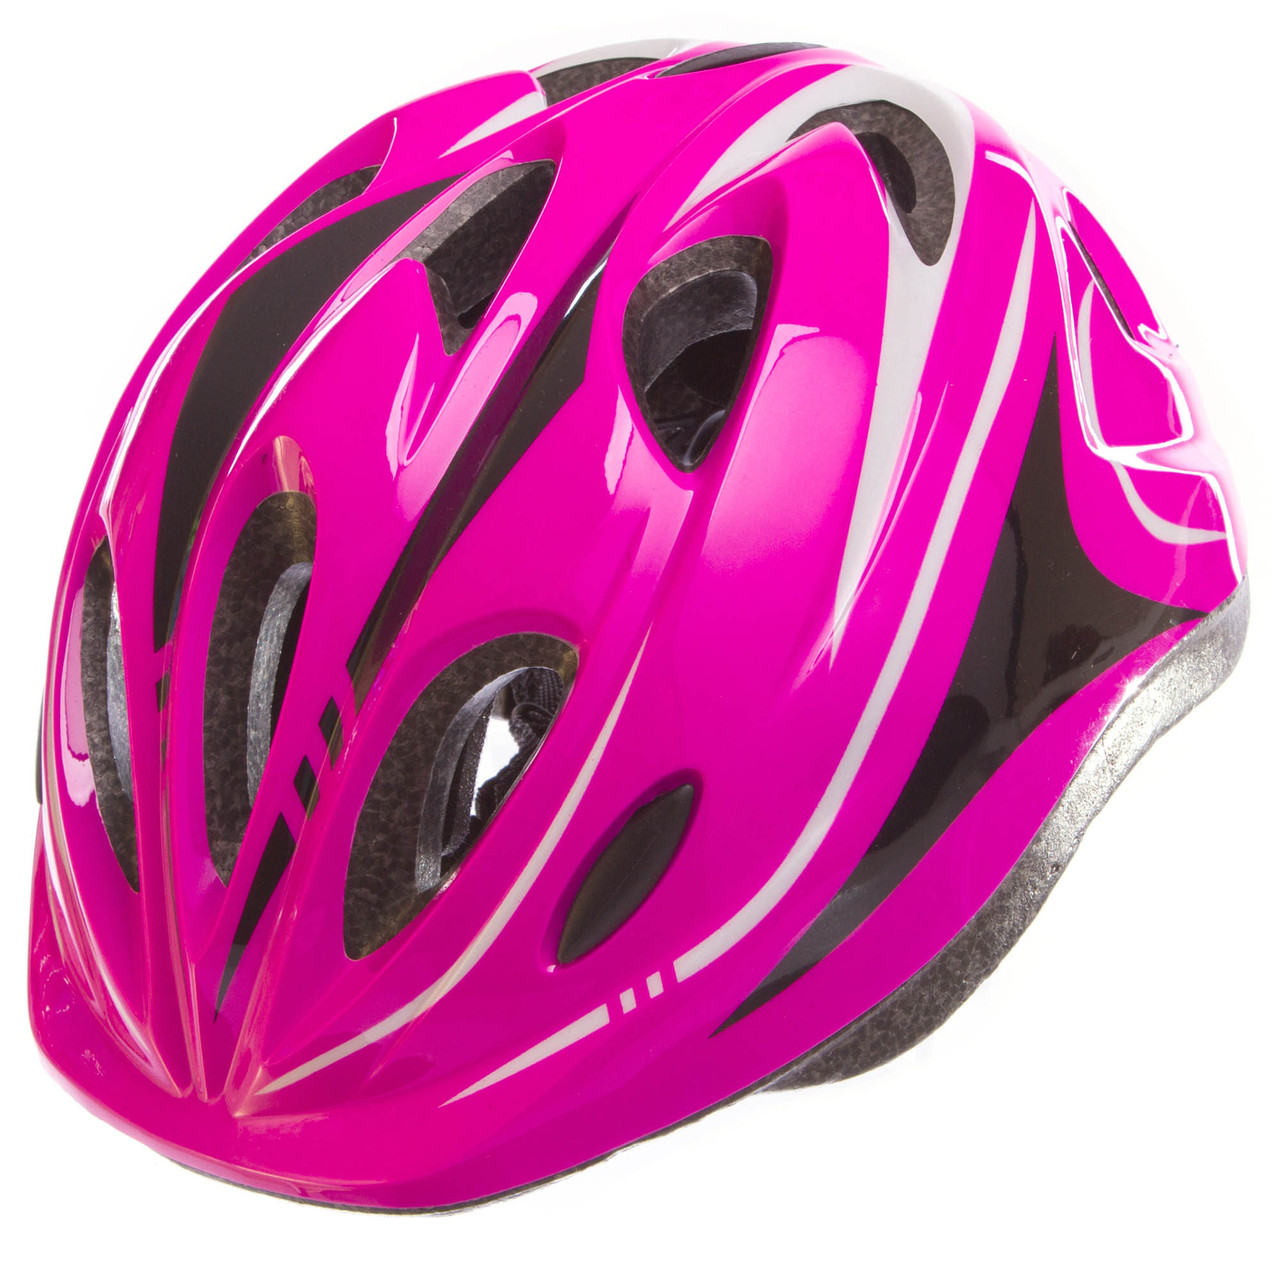 Шлем защитный с механизмом регулировки Zelart, EPS, PE, р-р L-54-56, 12 отверстий, розовый (SK-5611)